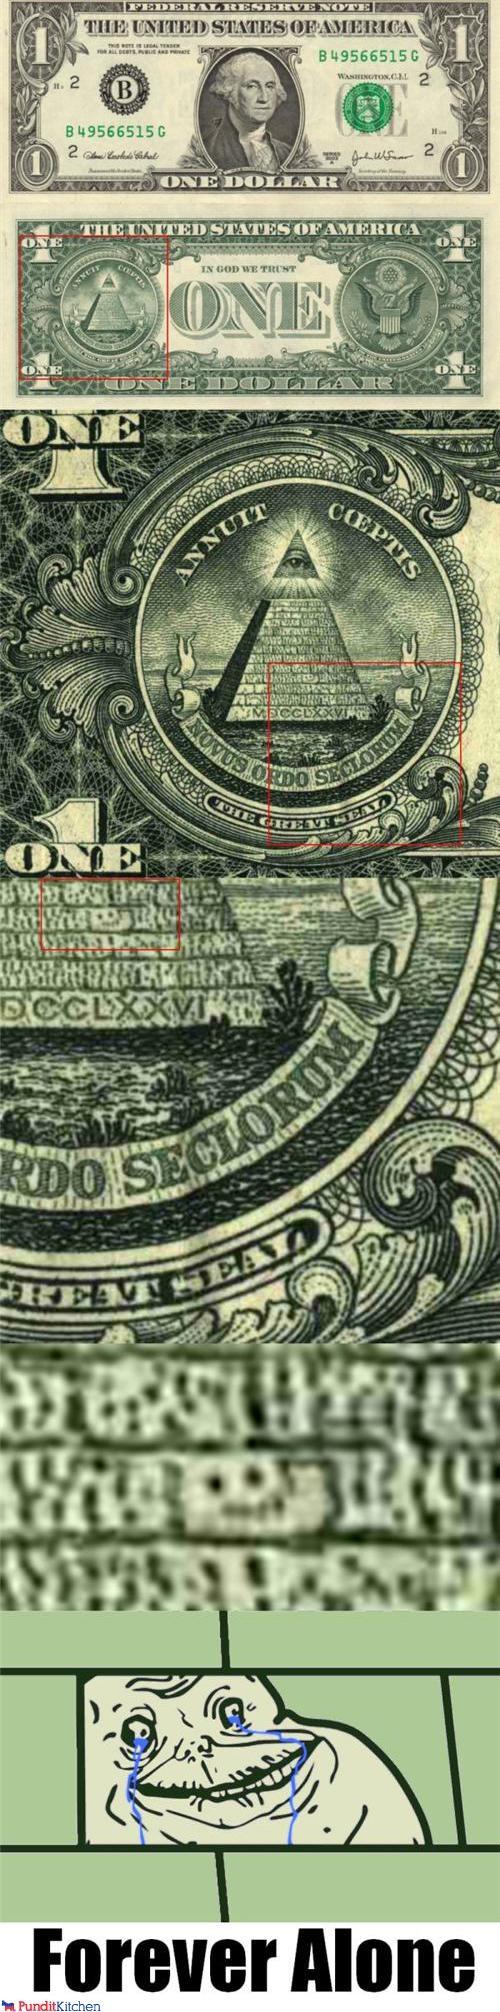 dollar forever alone george washington Memes money